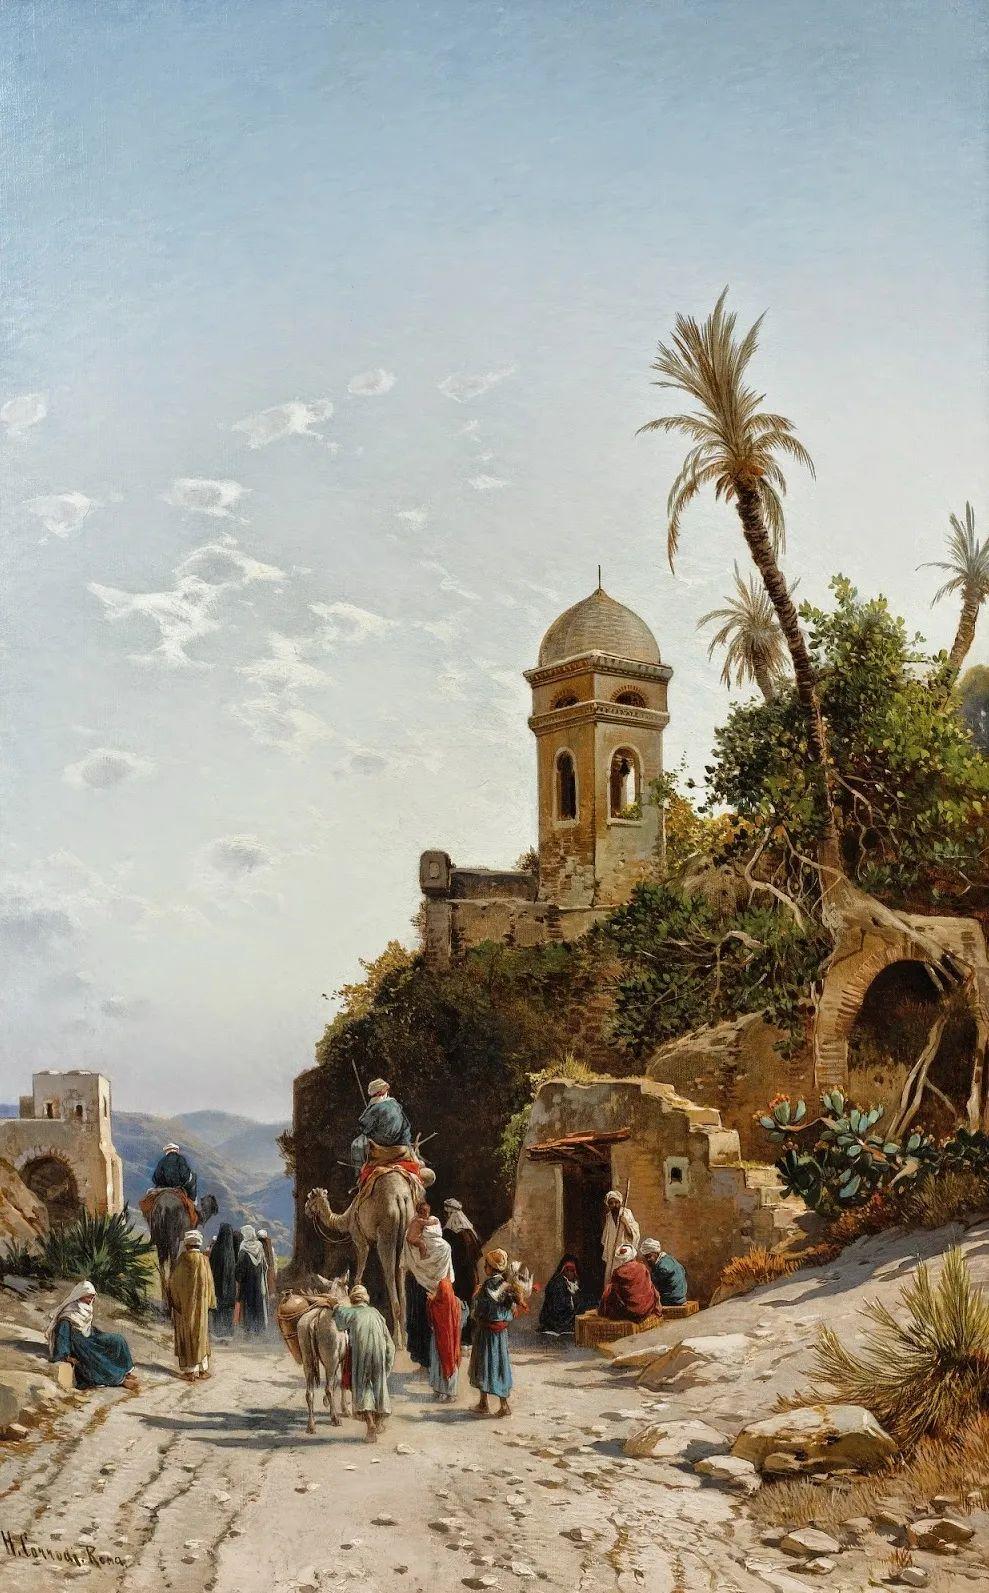 百年前的巨幅风景画,恢弘壮丽!插图147